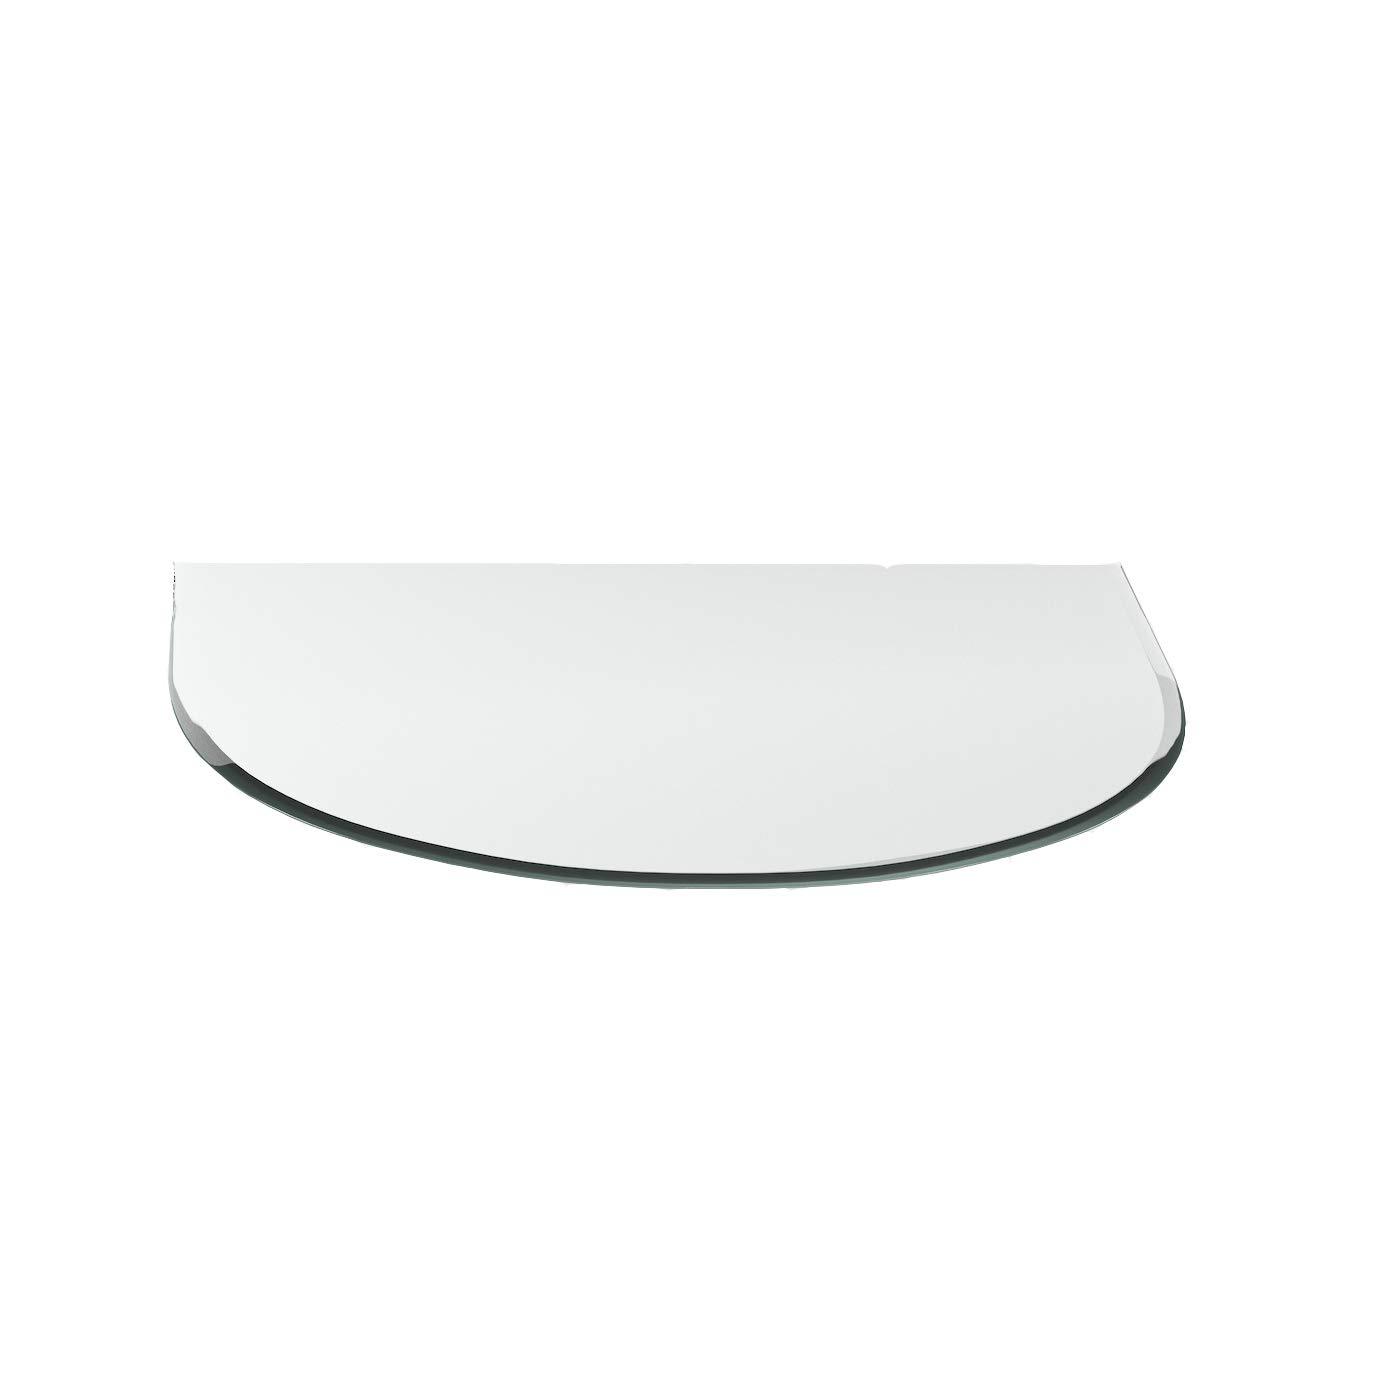 Funkenschutzplatte ESG 8mm Glasplatte Bodenplatte Kaminplatte Funkenschutz Ofenplatte Kaminglas ohne Dichtlippe G1 Rundbogen 1200mm x 1000mm x 8mm